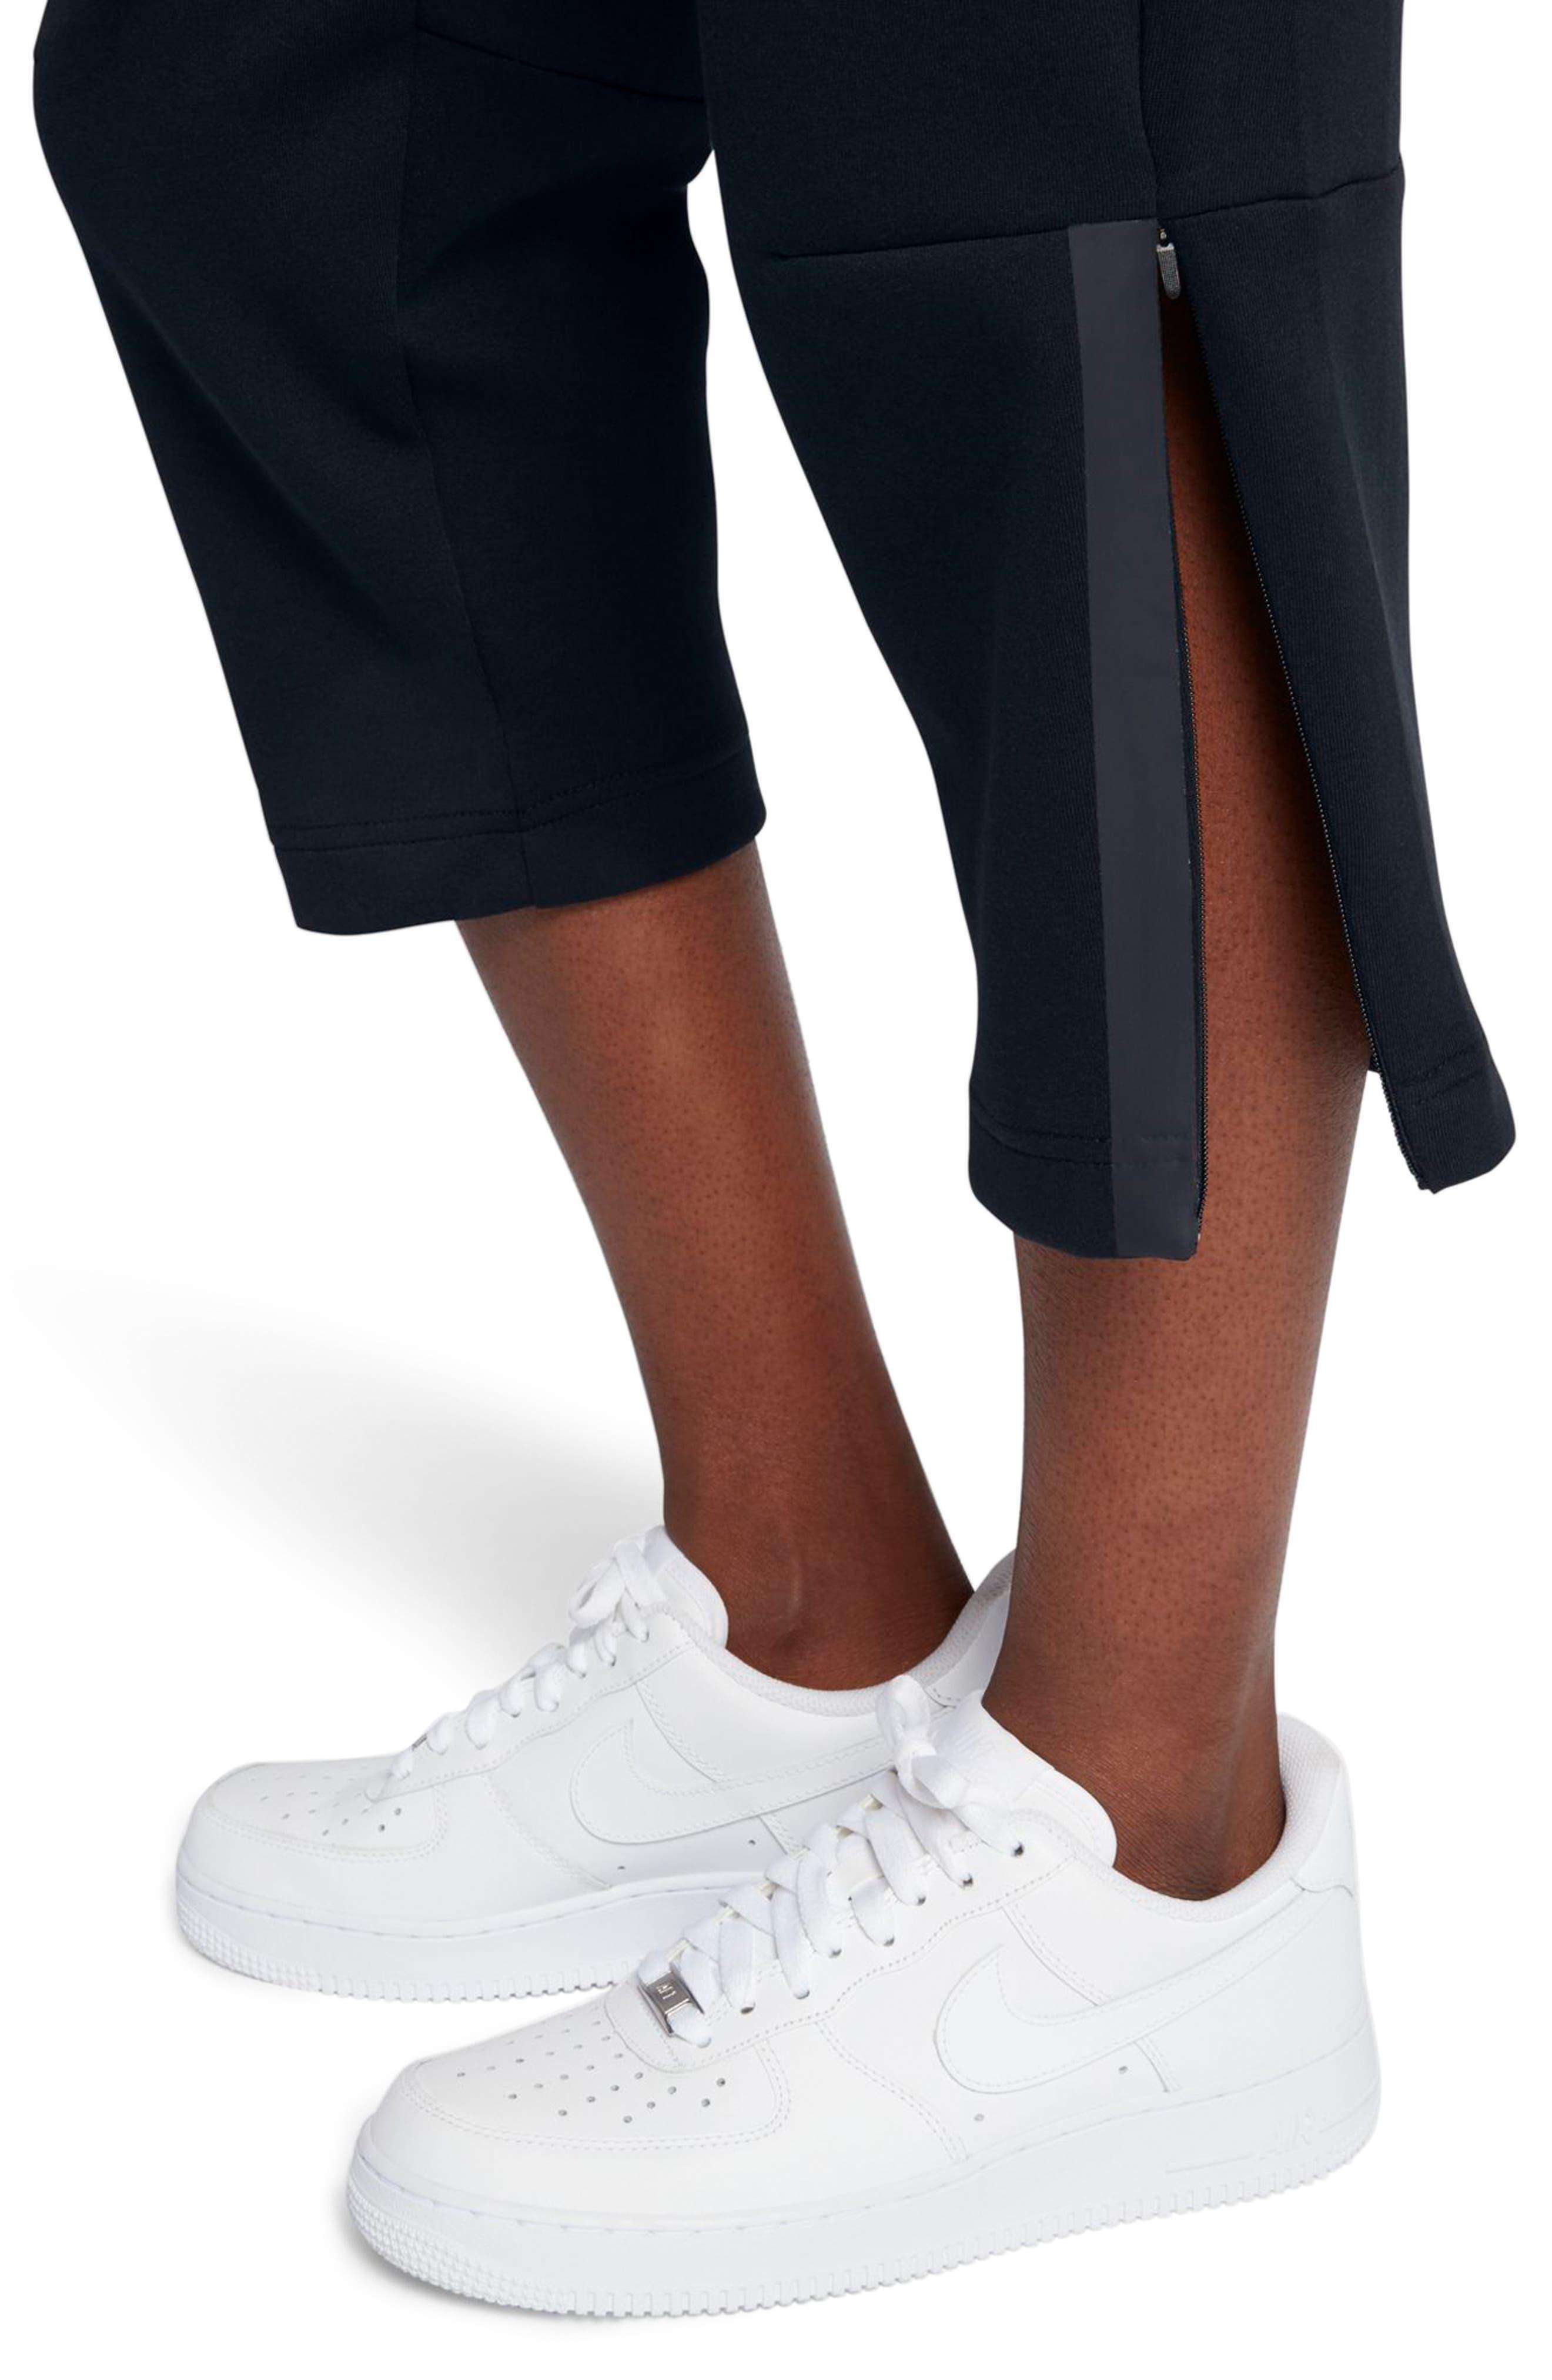 Sportswear Women's Tech Fleece Sneaker Pants,                             Alternate thumbnail 6, color,                             Black/ Black